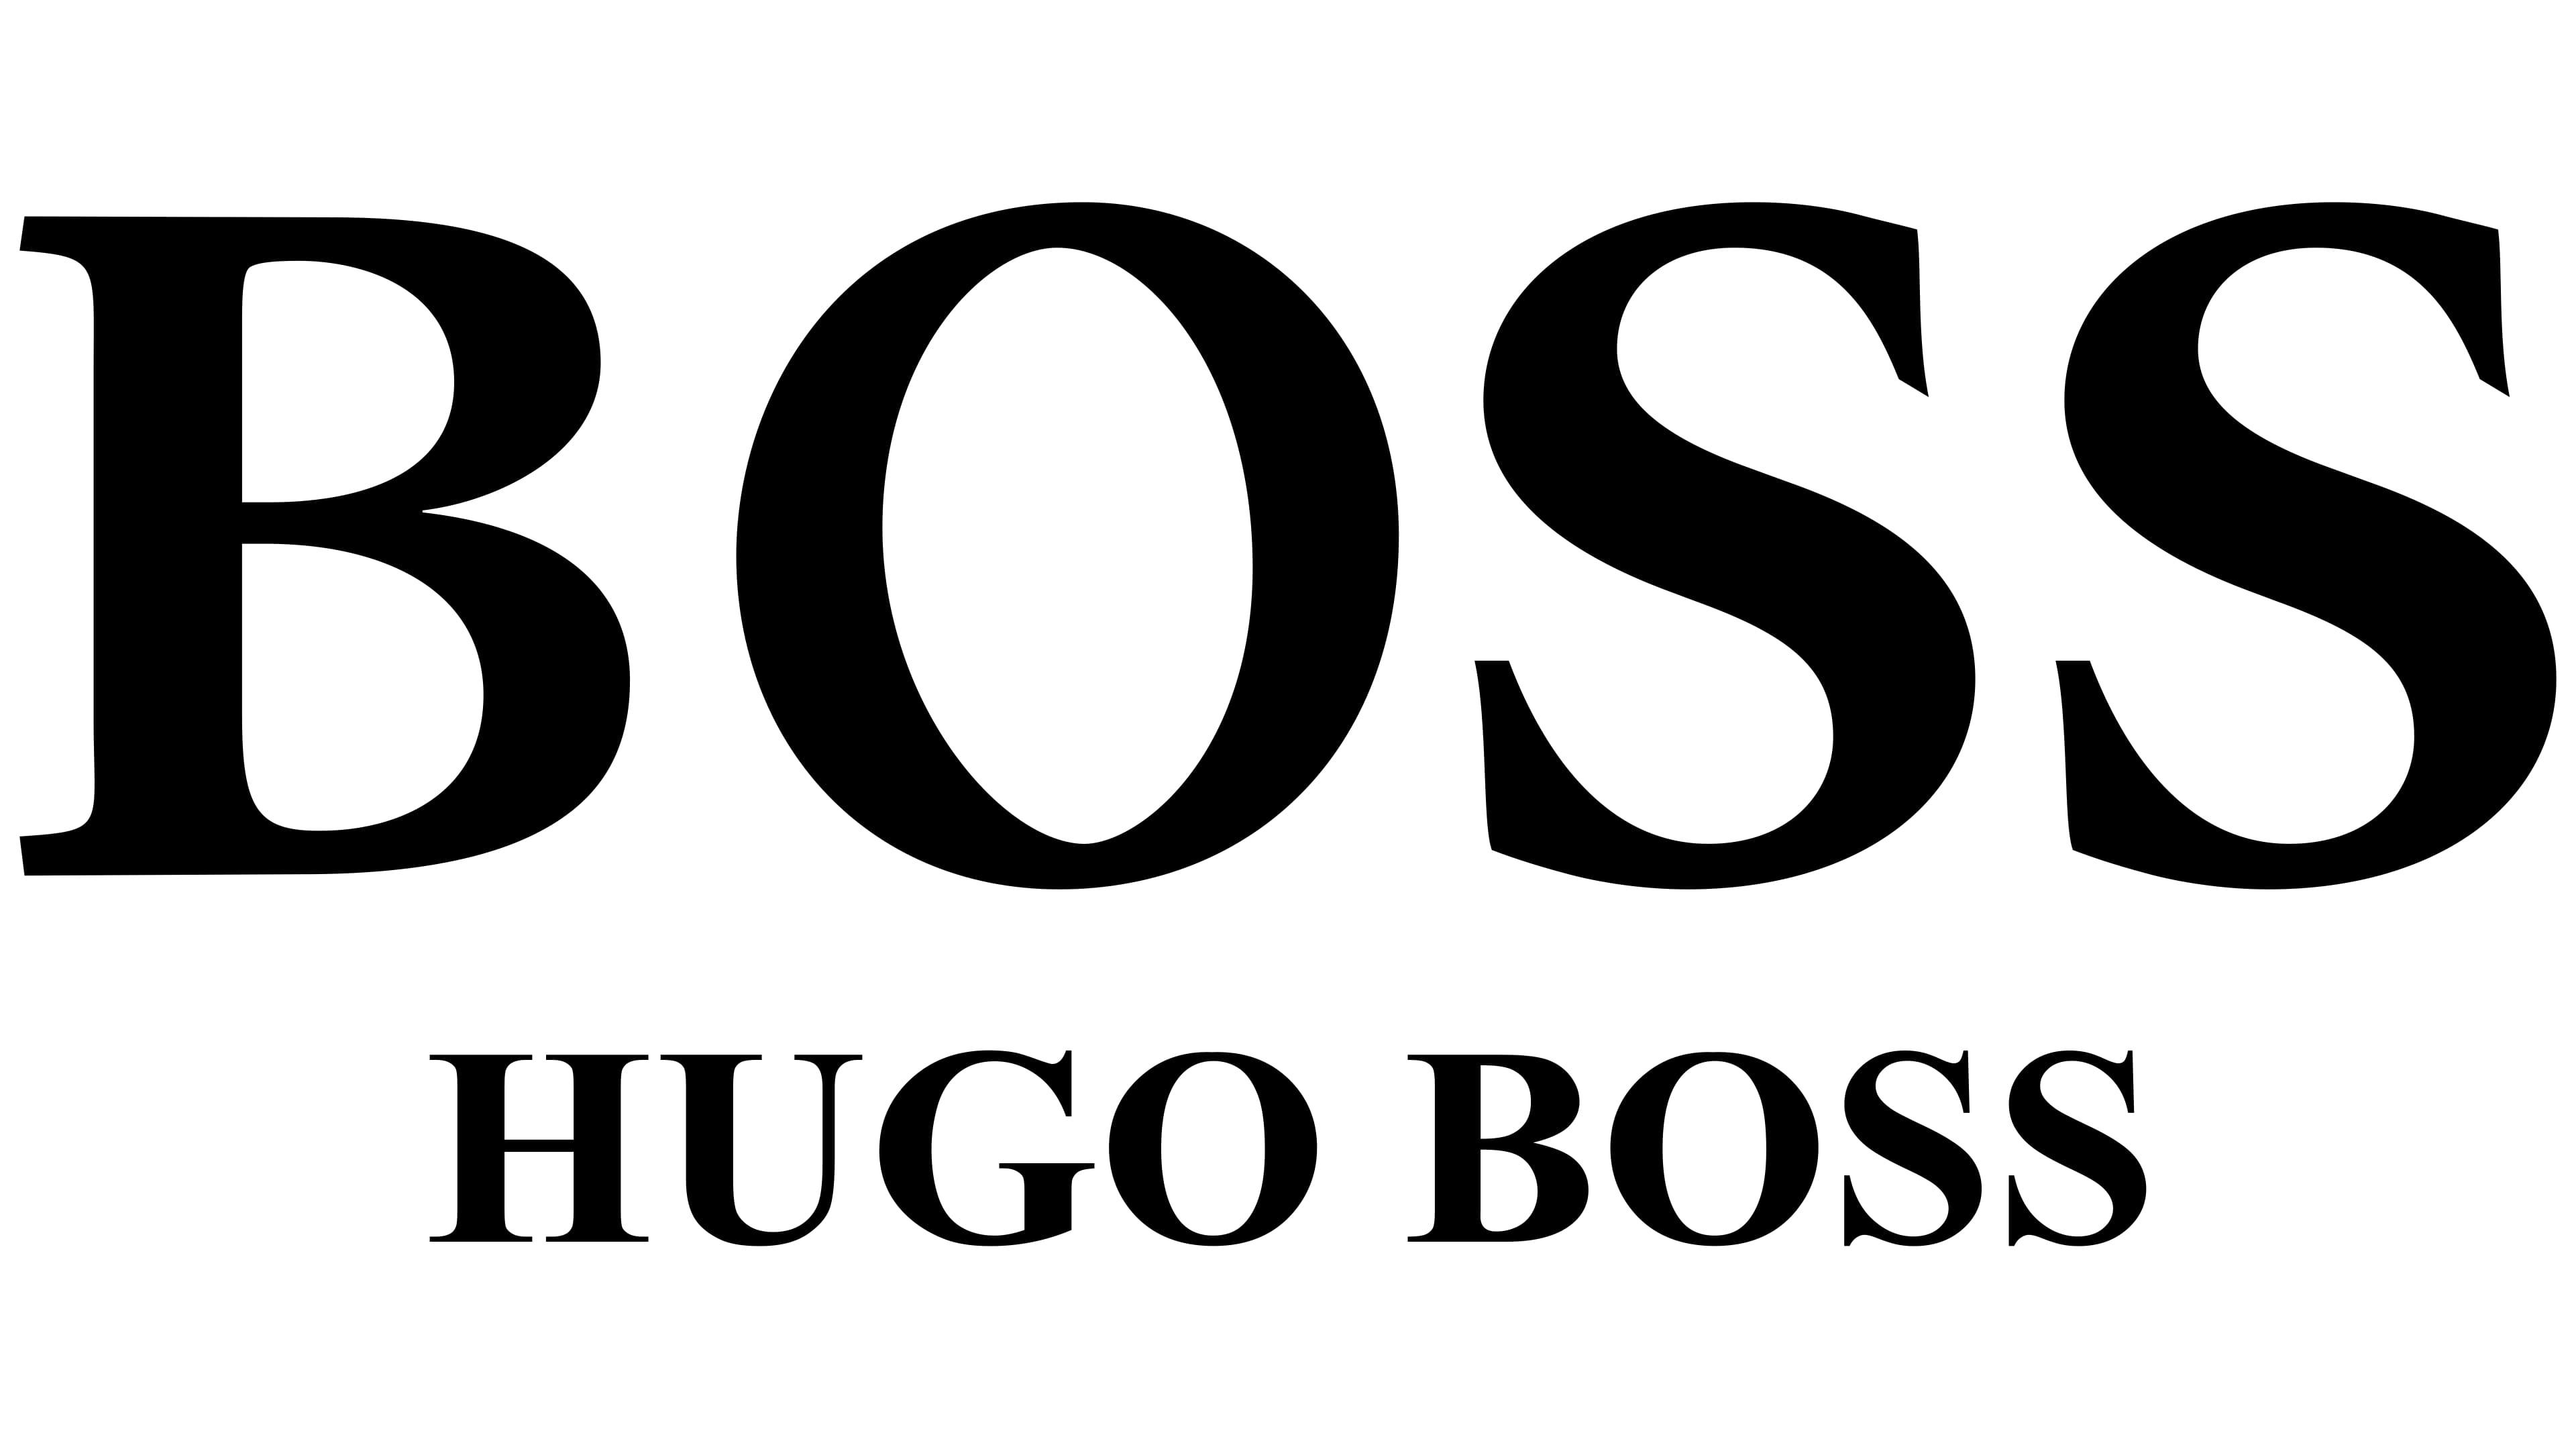 Penne Hugo Boss